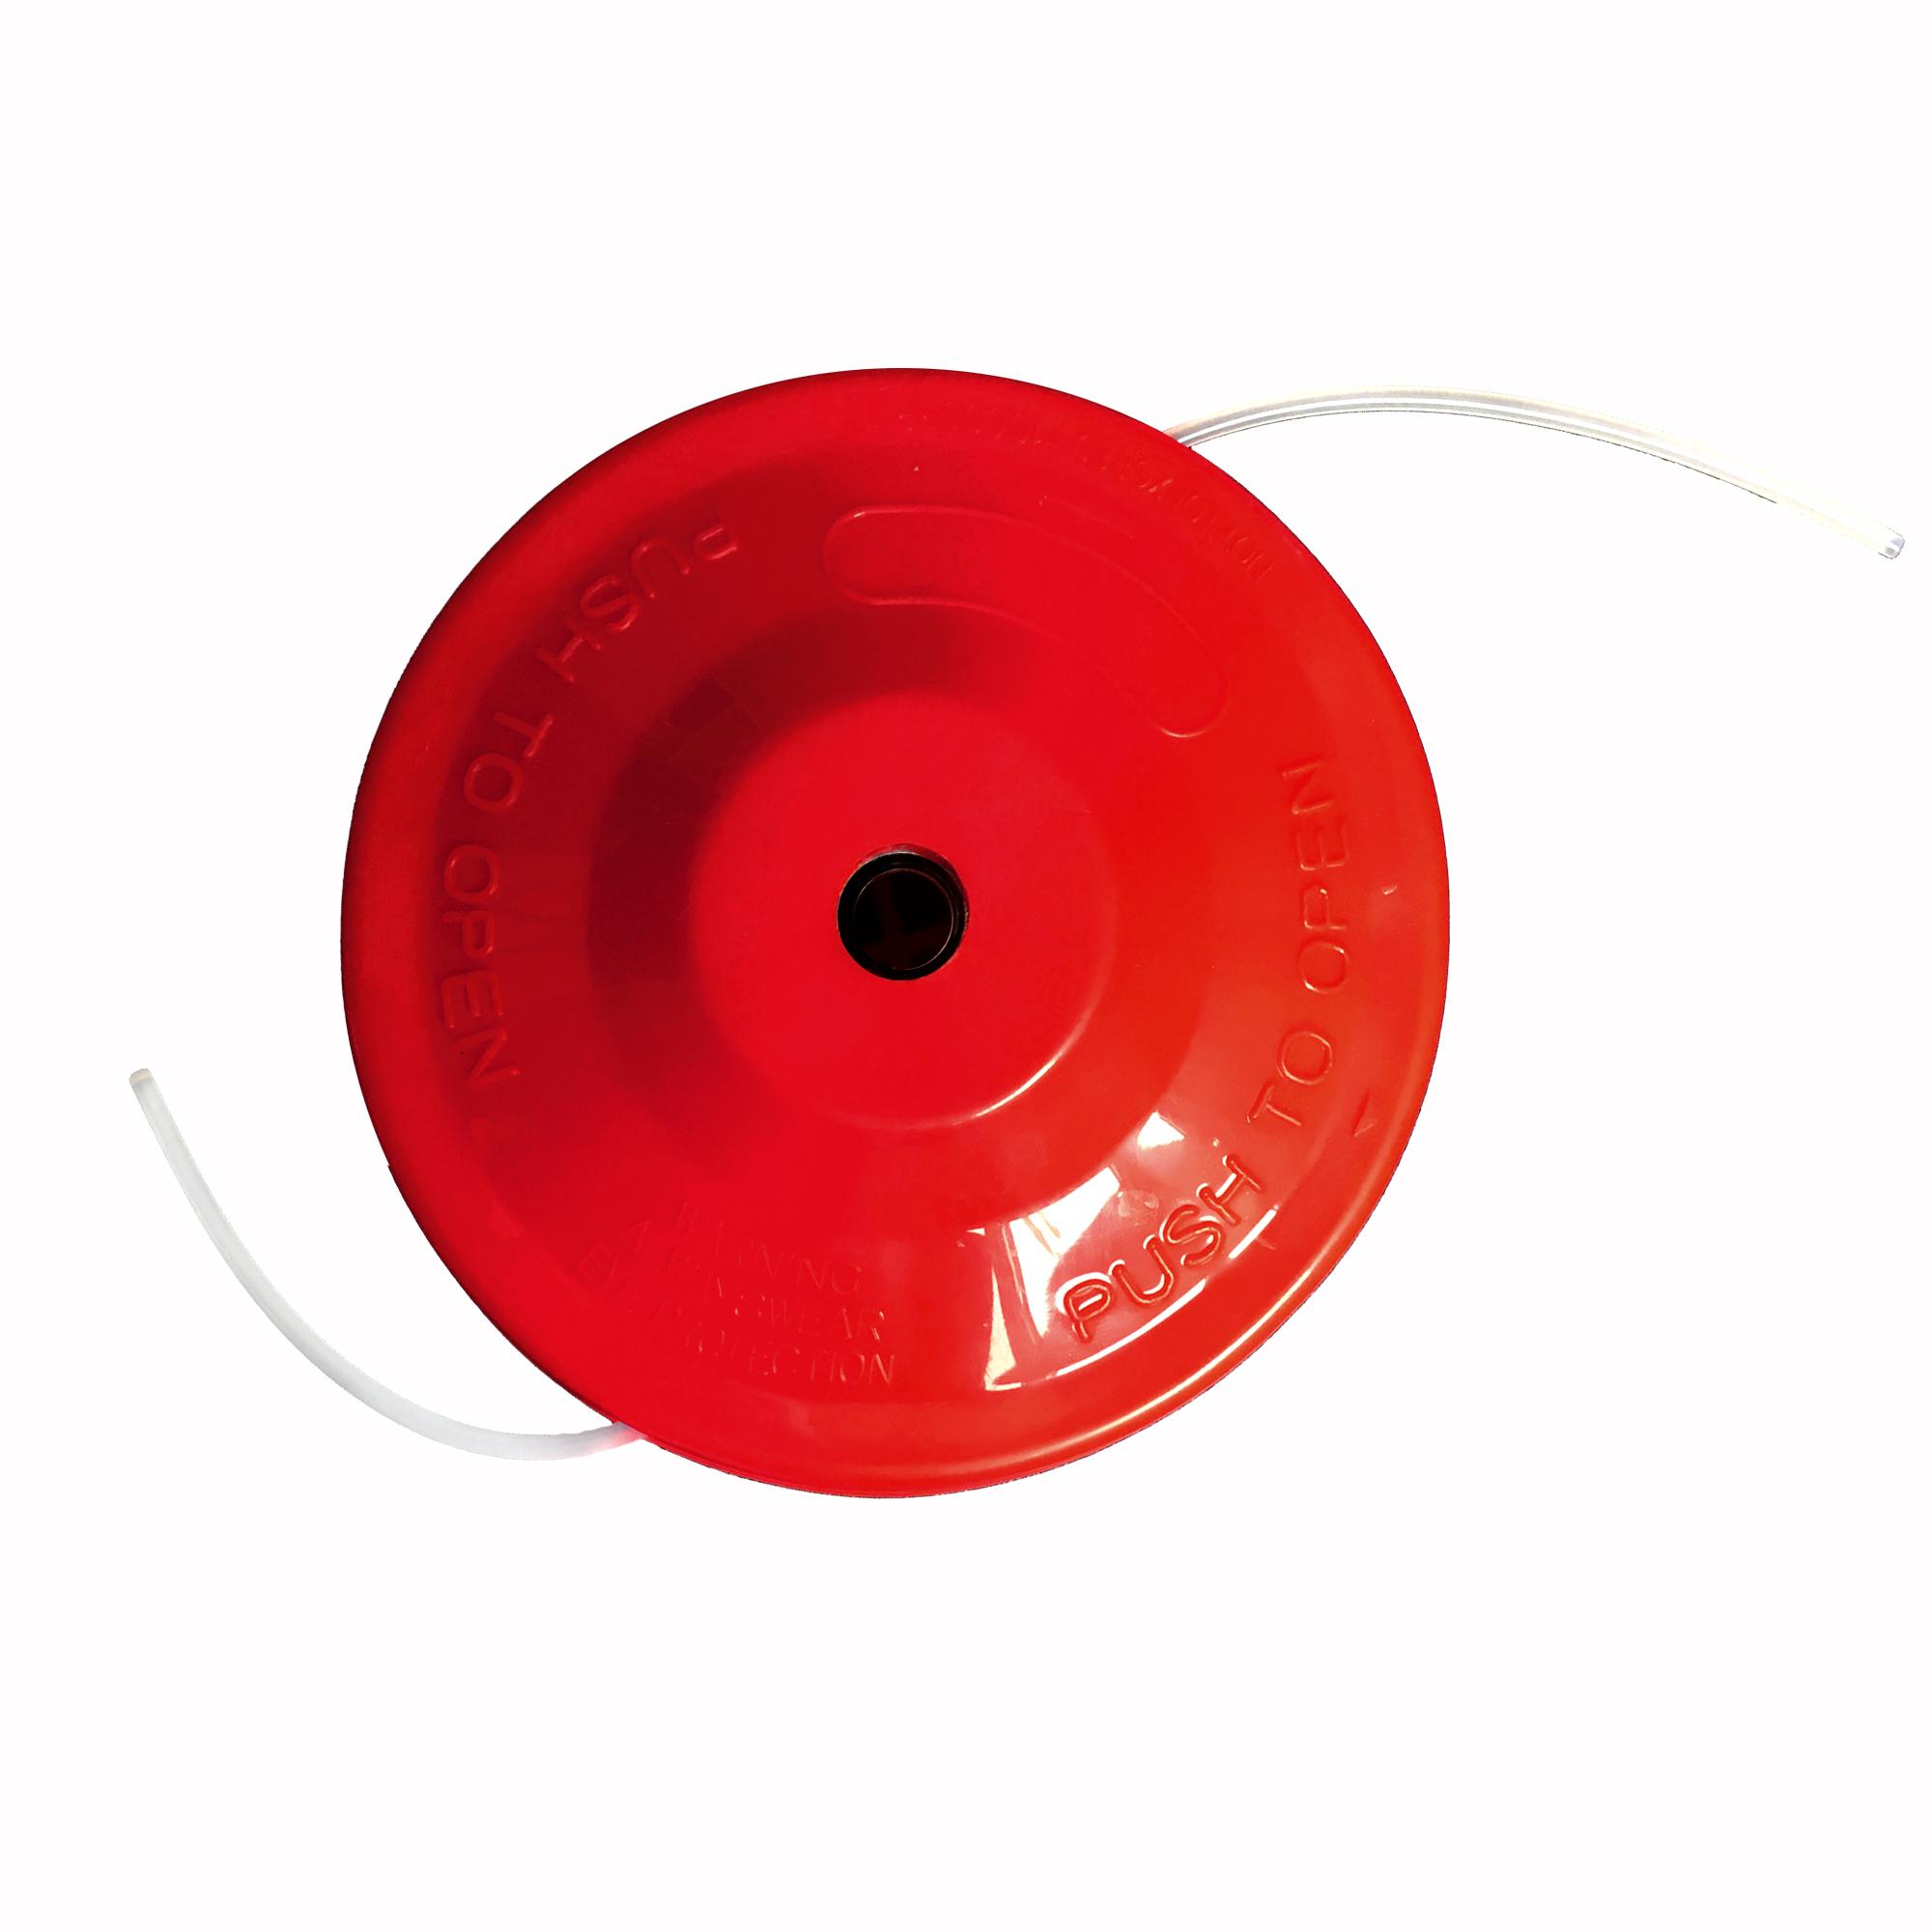 3x NEMAXX FS2 Fadenspule mit Tippautomatik, Doppelfadenkopf für Benzin Motorsense - Rasentrimmer Fadenkopf, Freischneider Grasschneider, Zubehör Ersatz Spule  - Rot